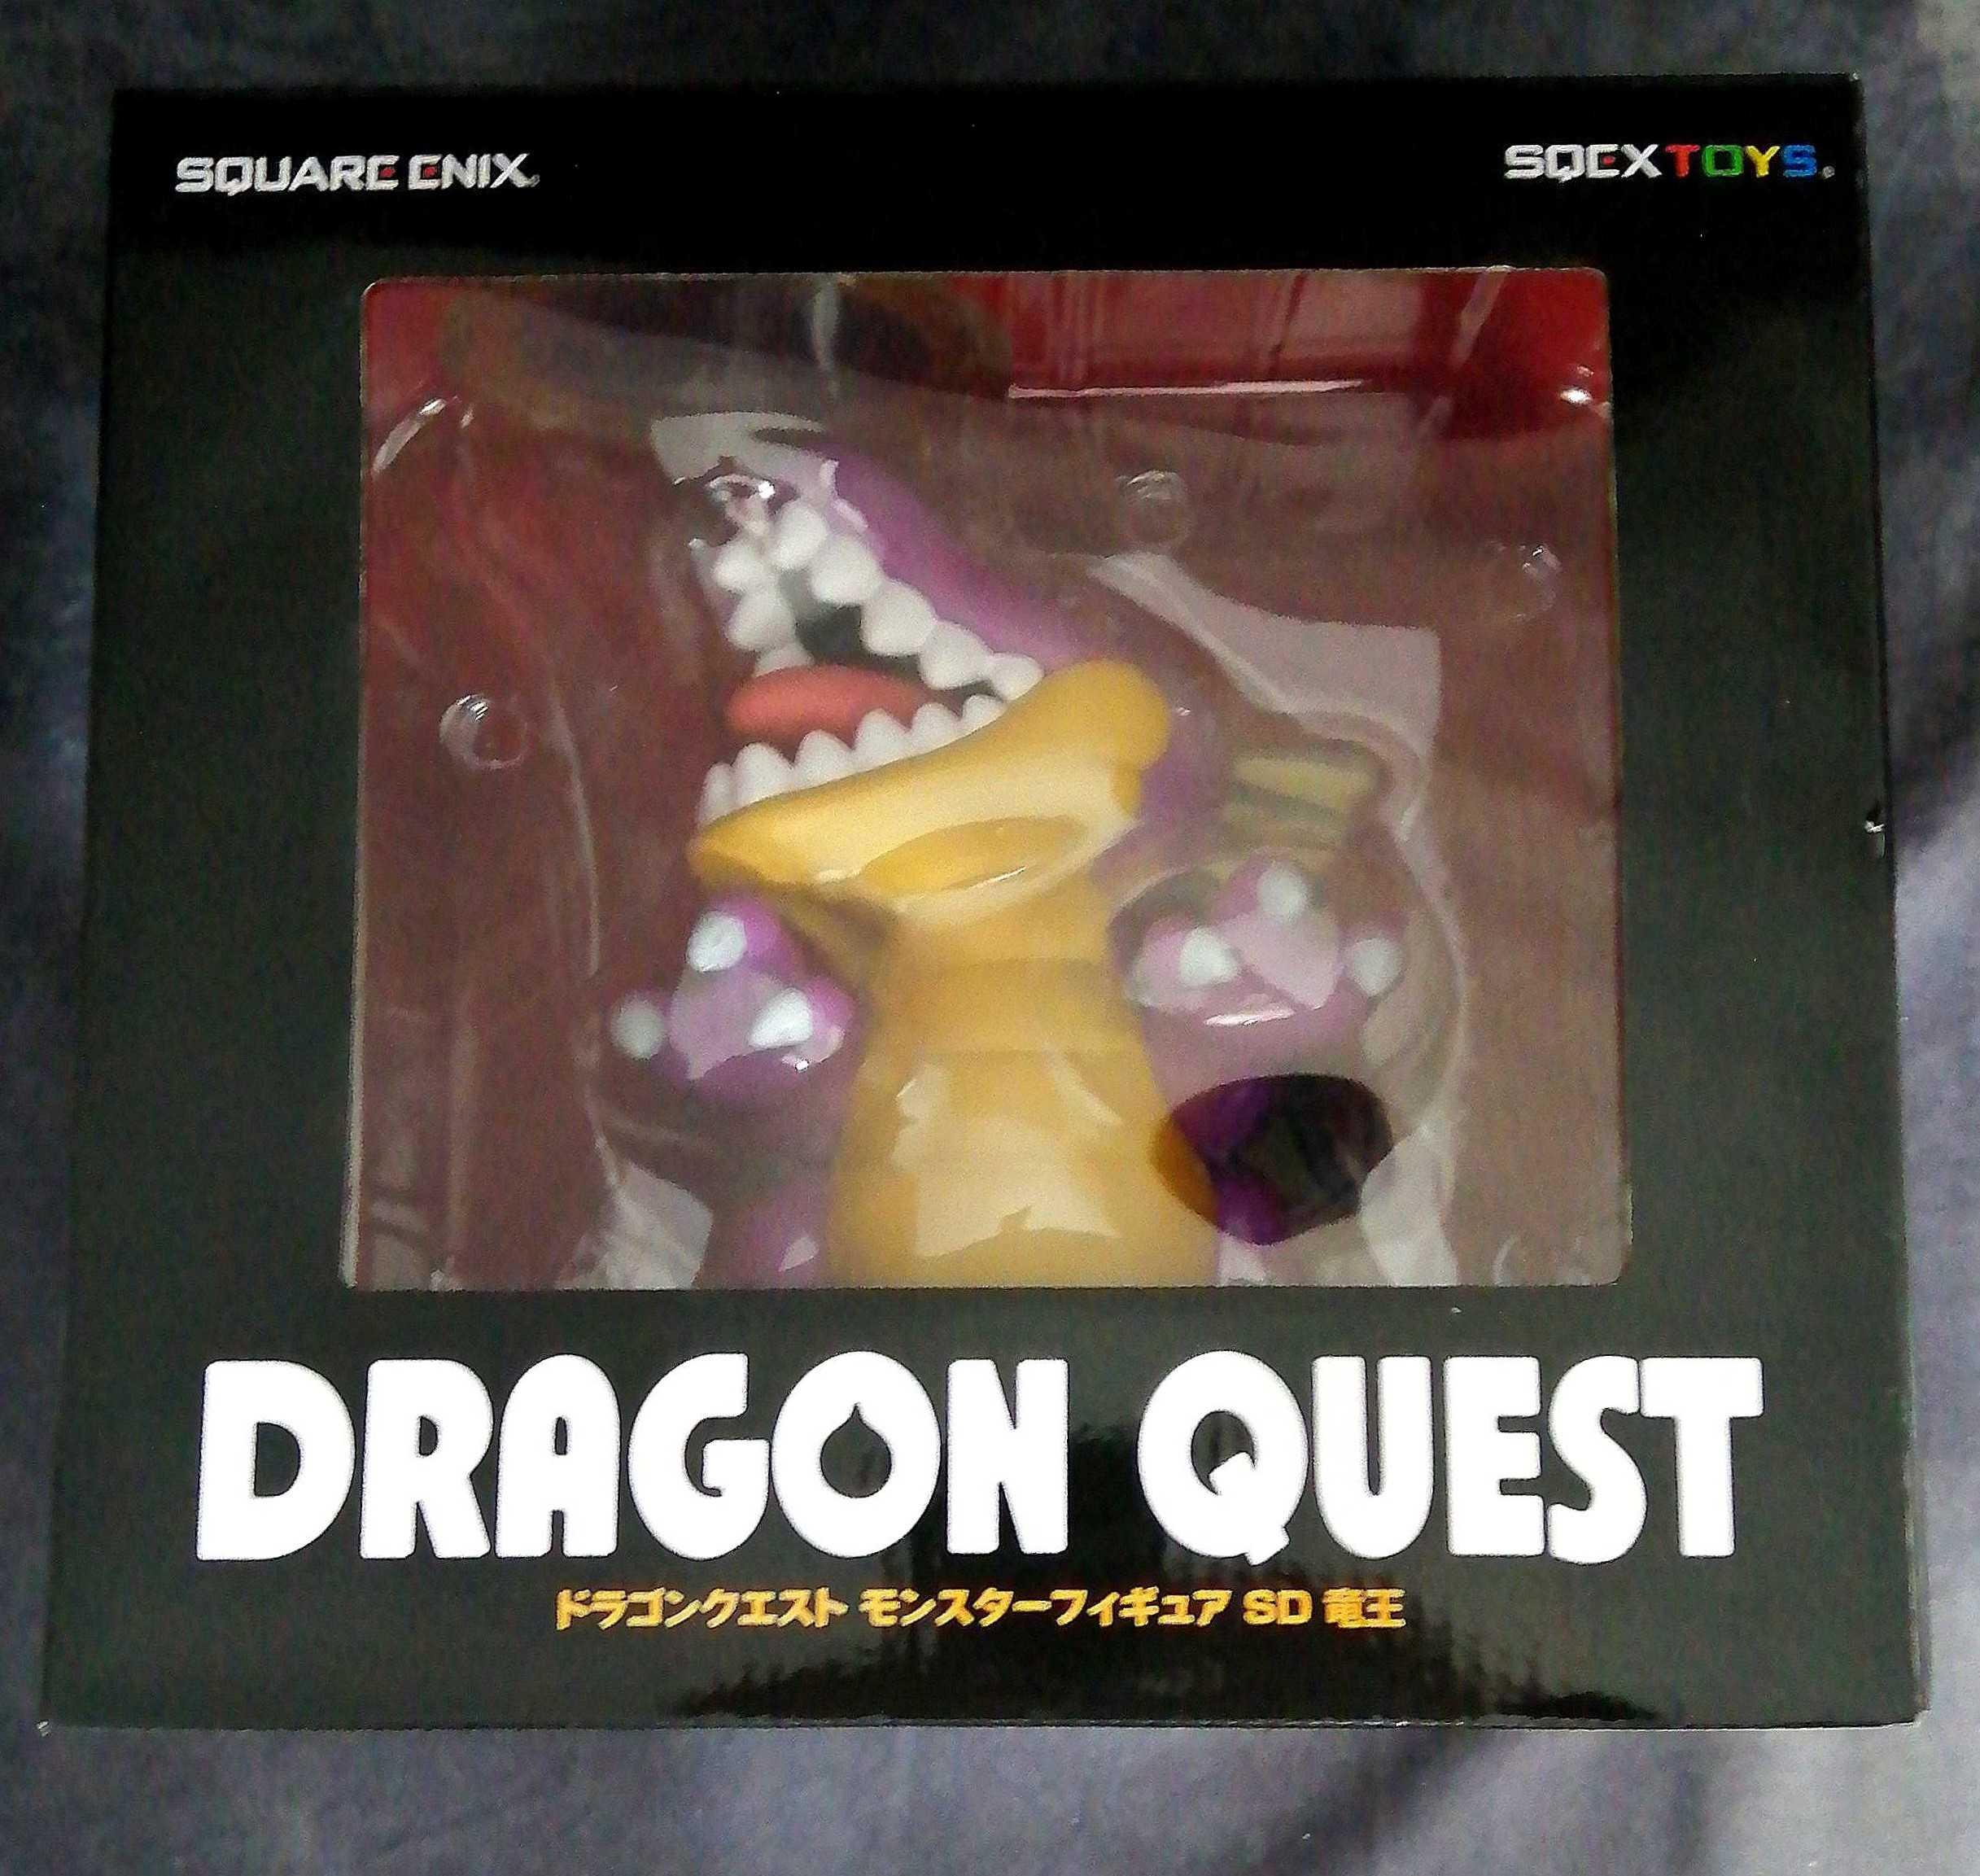 ドラゴンクエスト モンスター フィギュア SQUARE ENIX